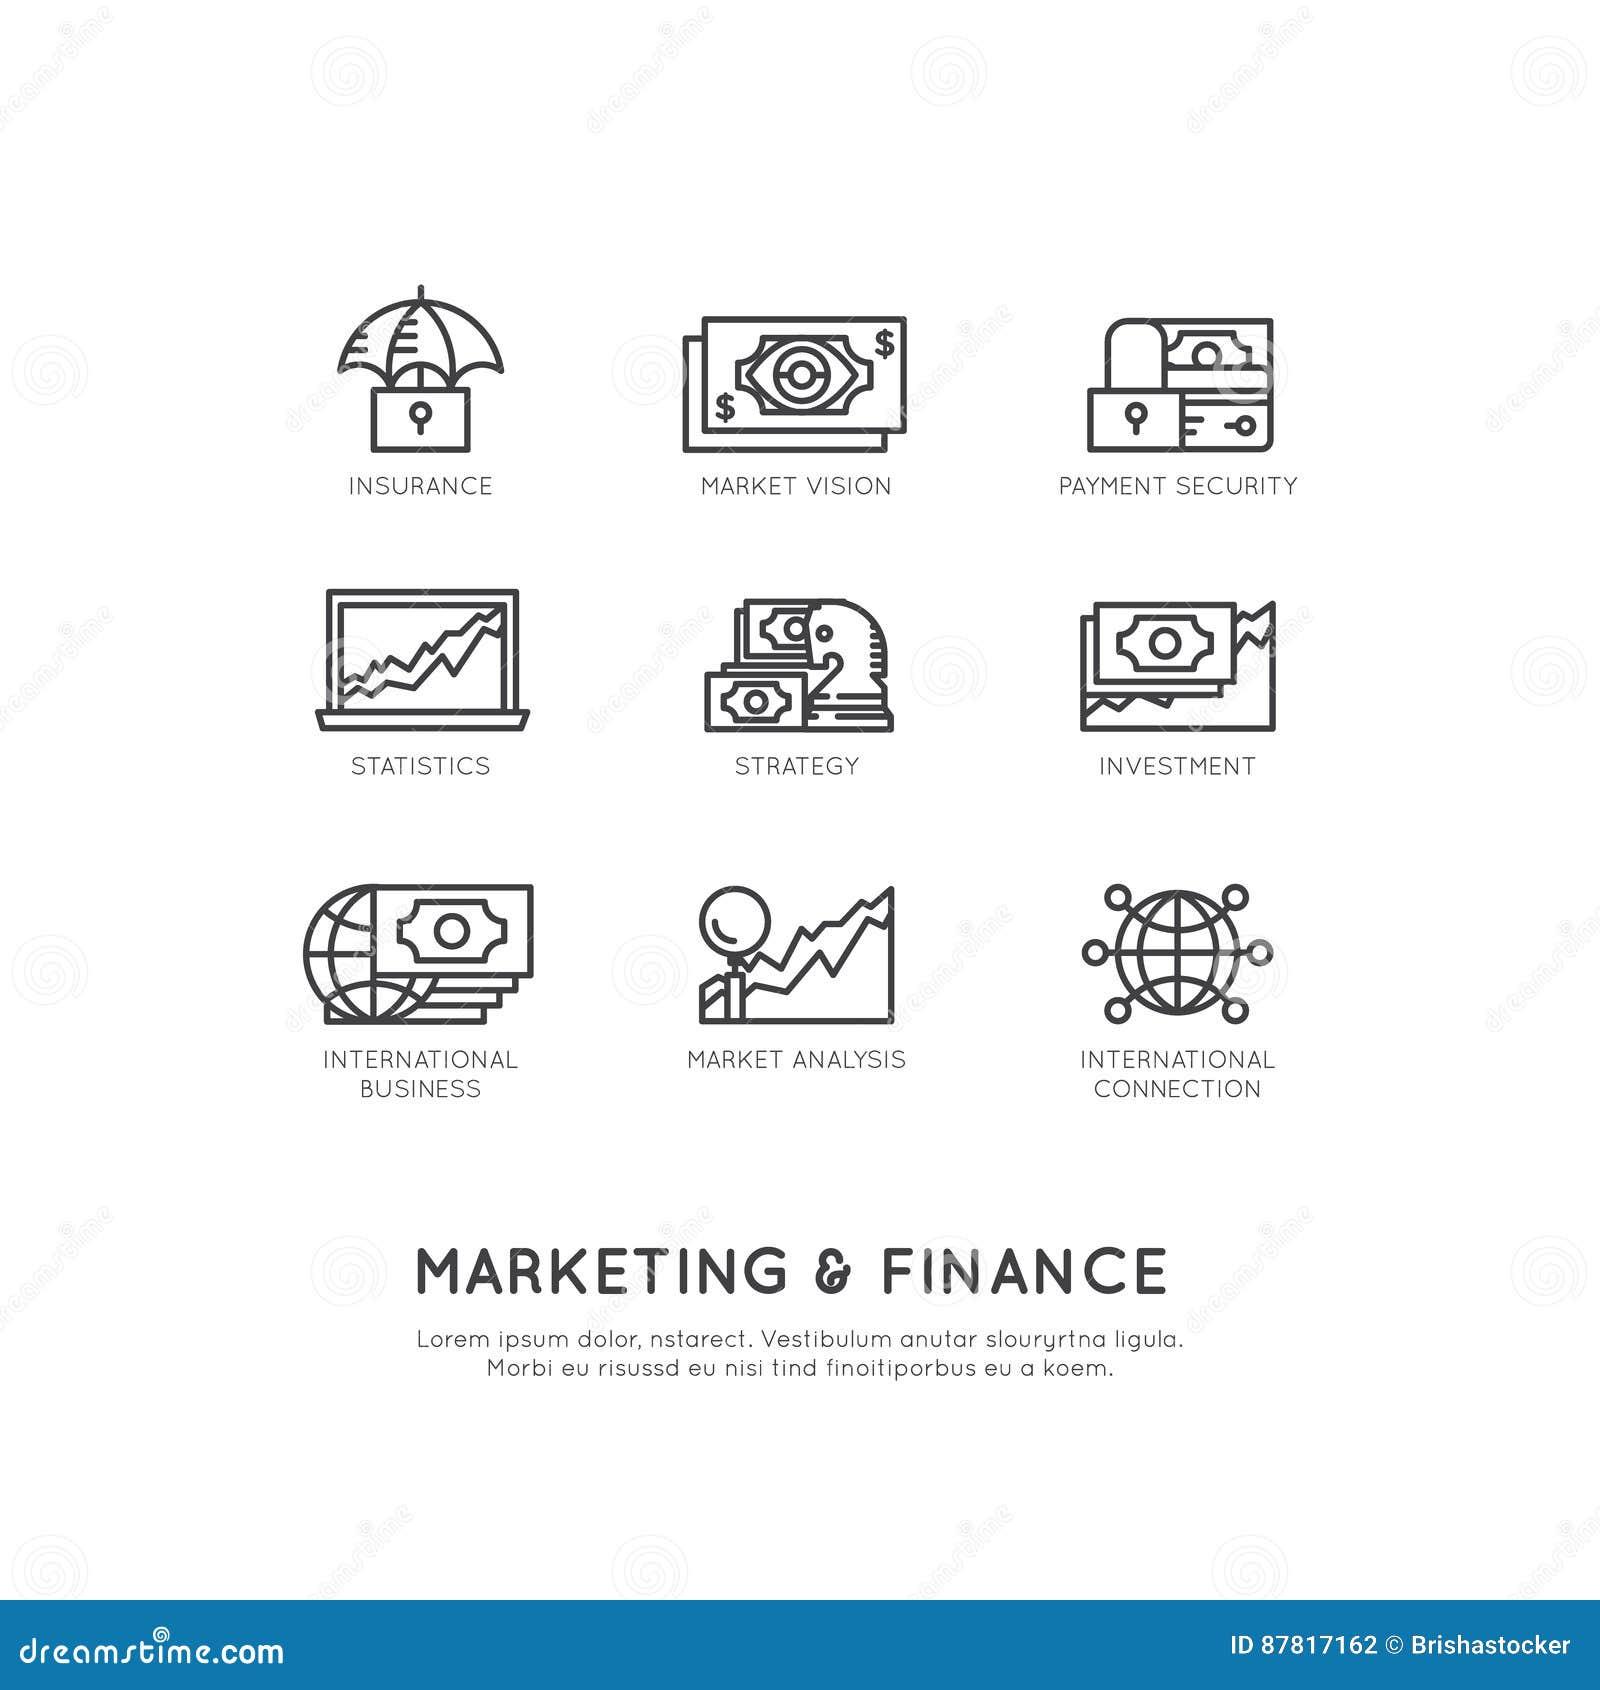 Illustratie van Marketing en Financiën, Bedrijfsvisie, Investering, Beheersproces, Financiënbaan, Inkomen, Opbrengstbron